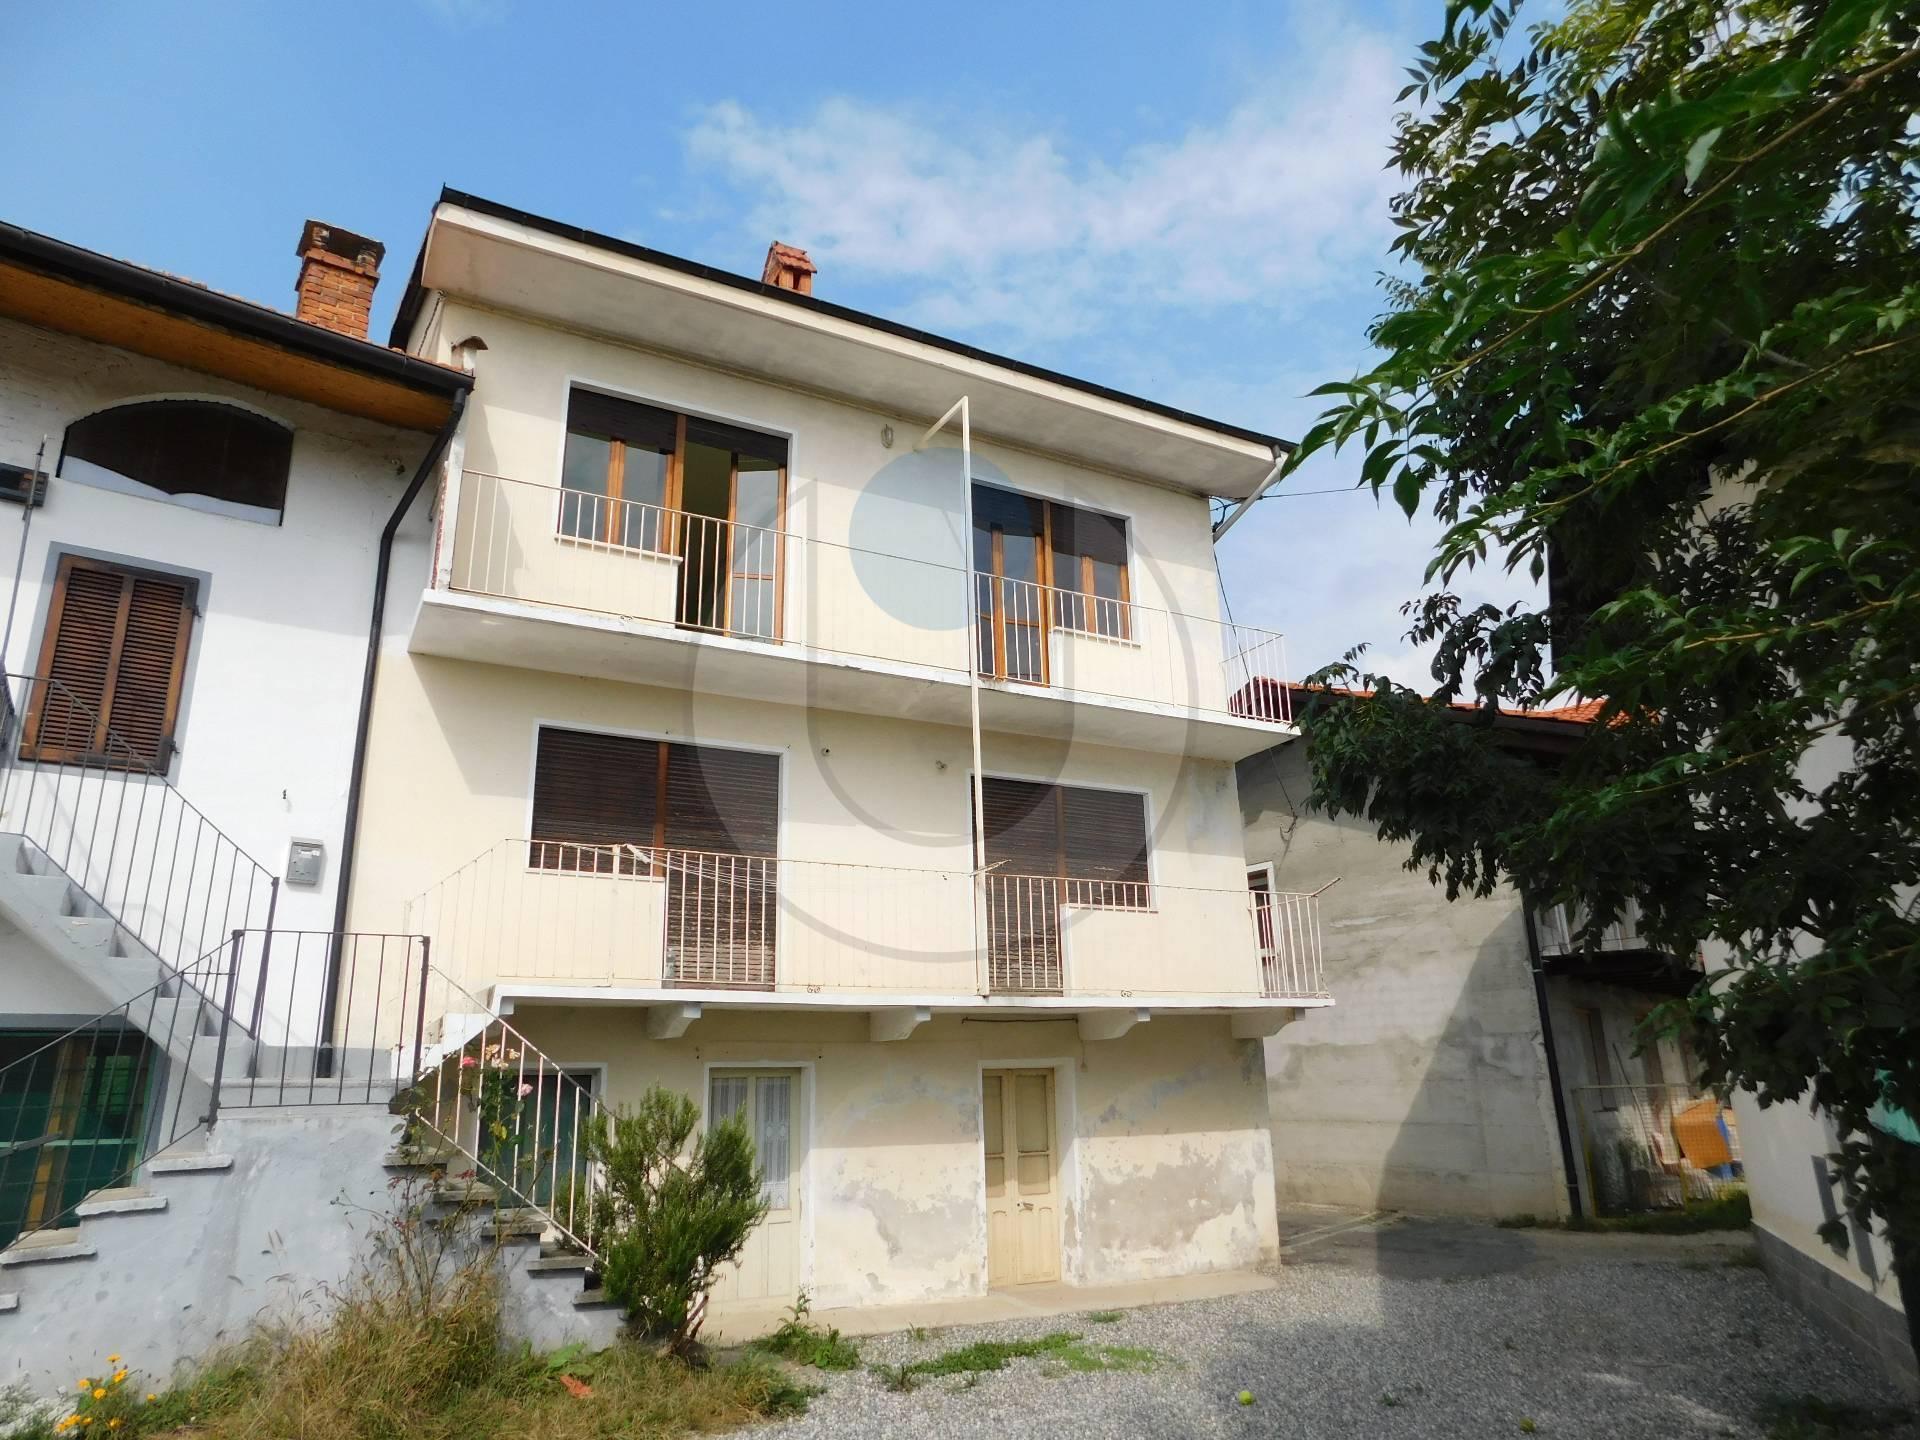 Appartamento in vendita a Coazze, 3 locali, zona Località: ComodaAlCentro, prezzo € 42.000 | PortaleAgenzieImmobiliari.it